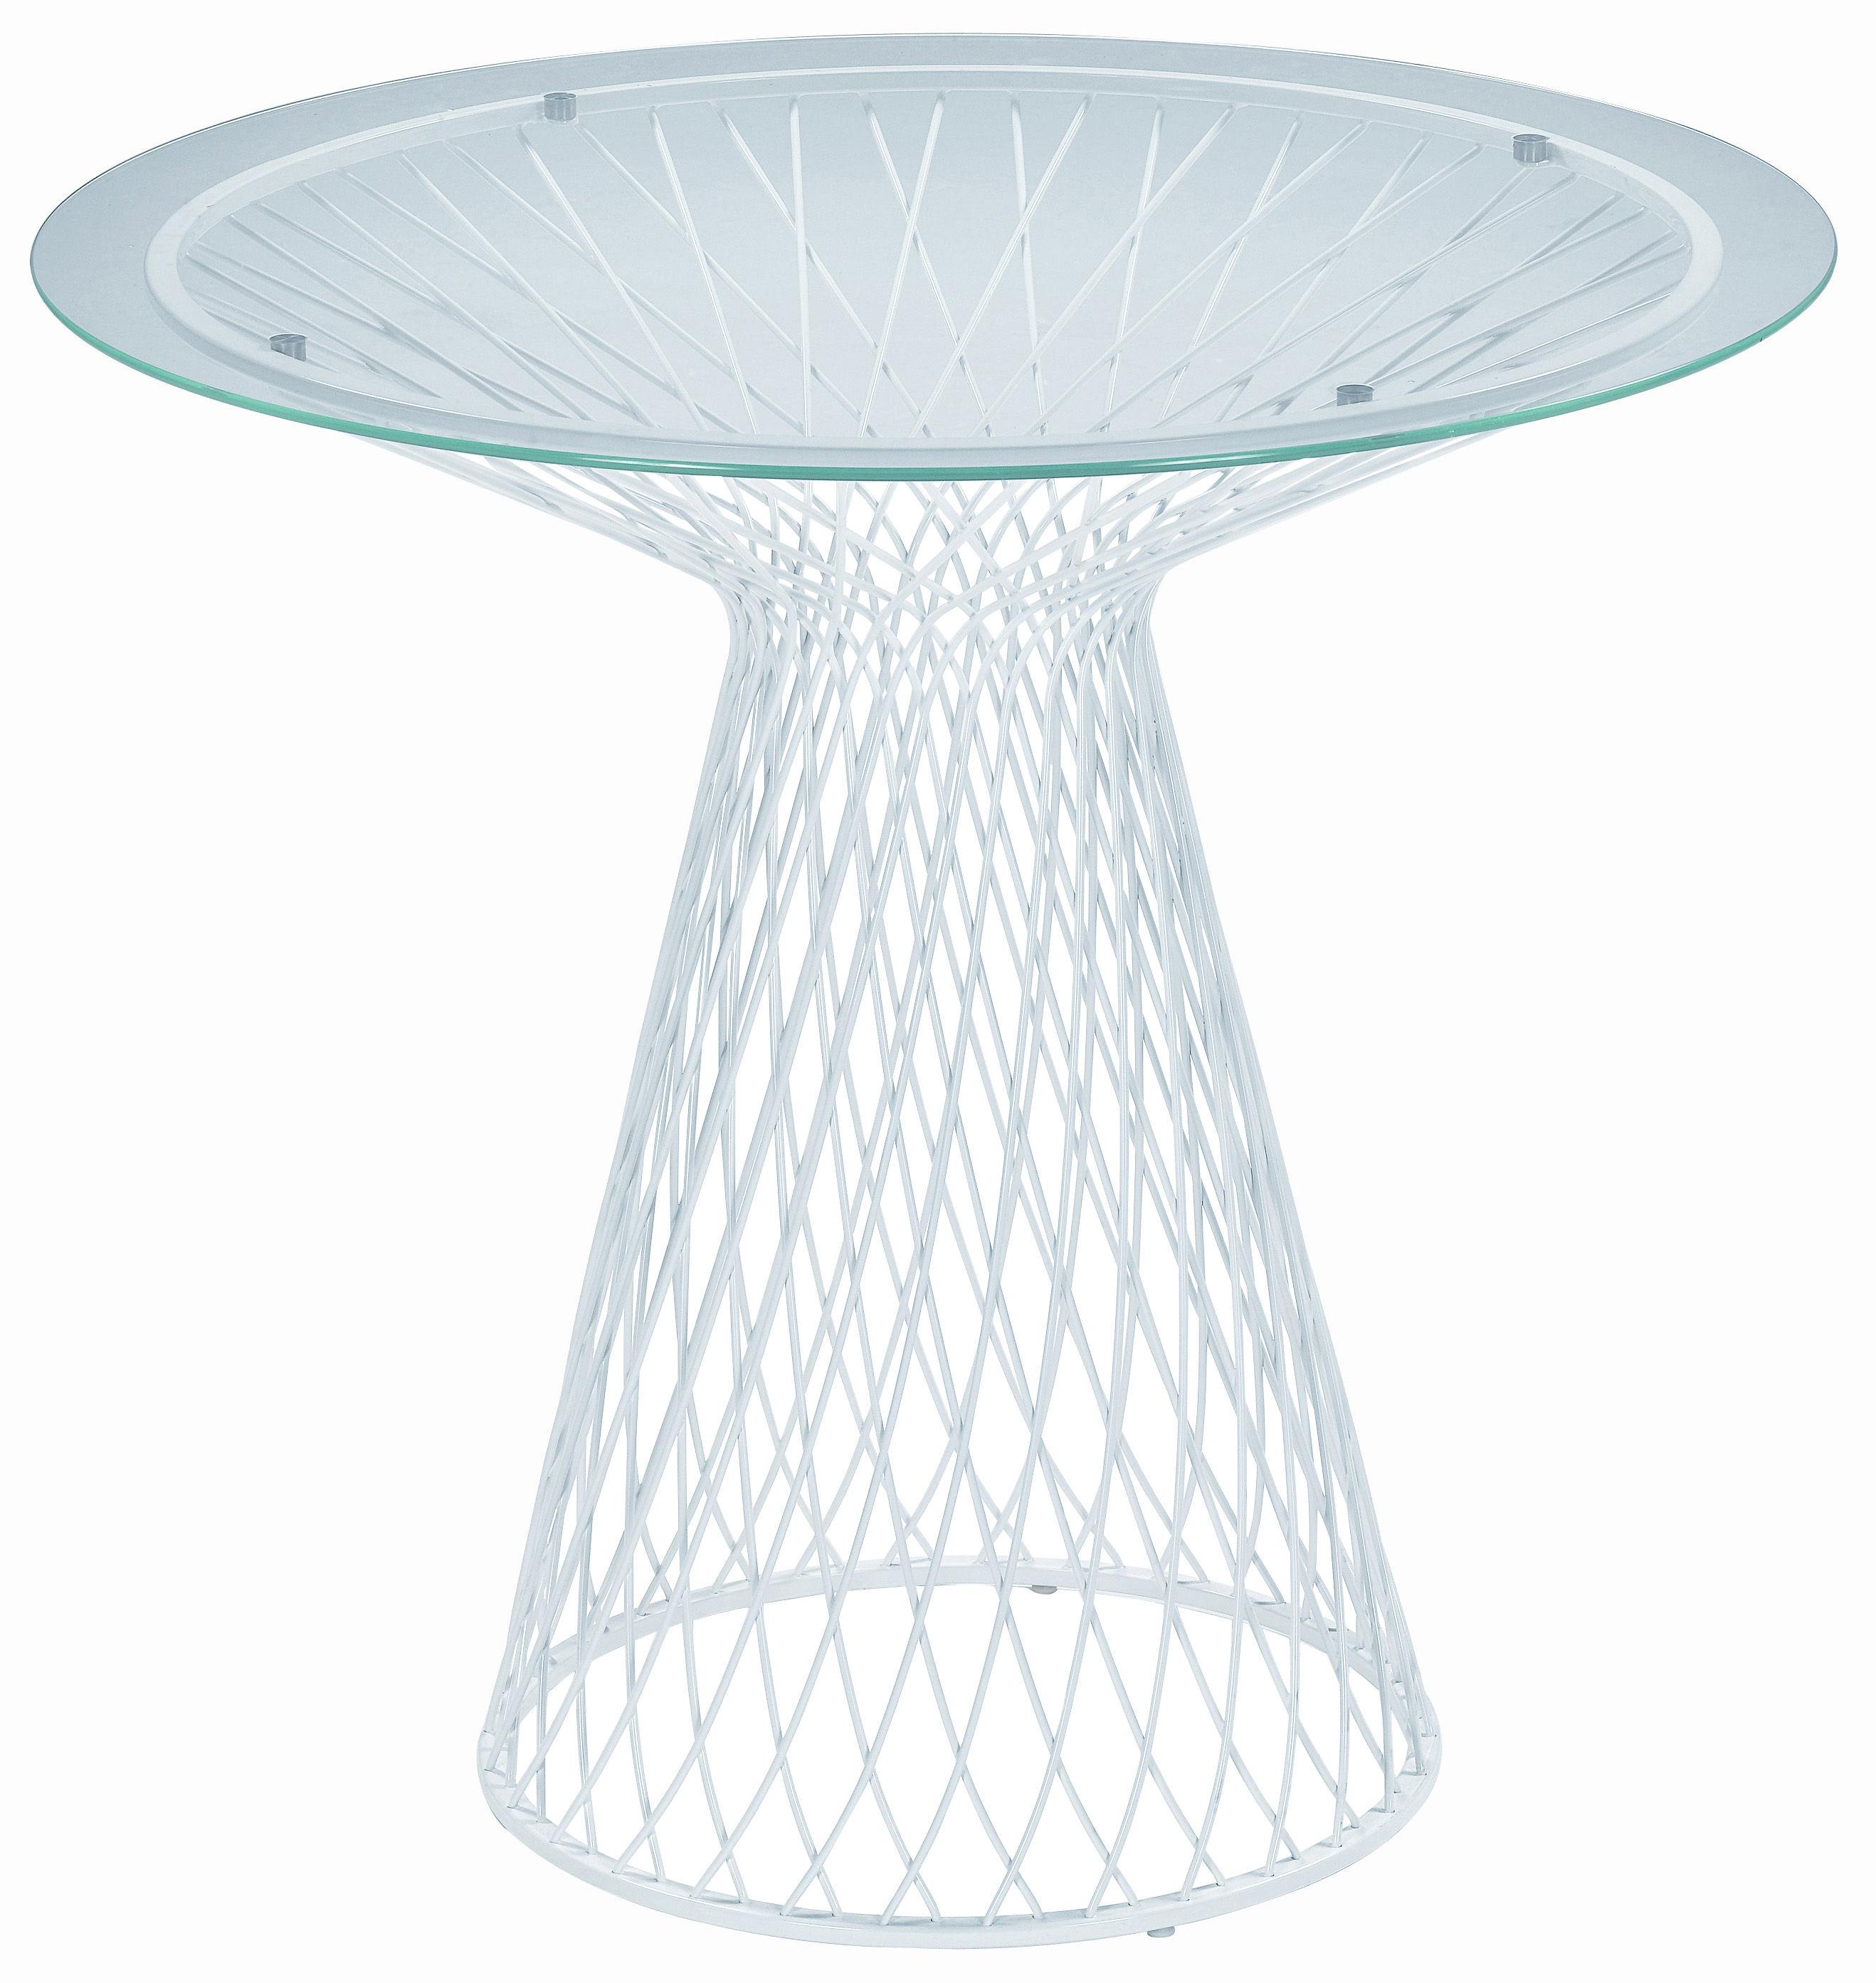 Outdoor - Tische - Heaven Runder Tisch Ø 80 cm - Emu - Weiß - Glas, Stahl